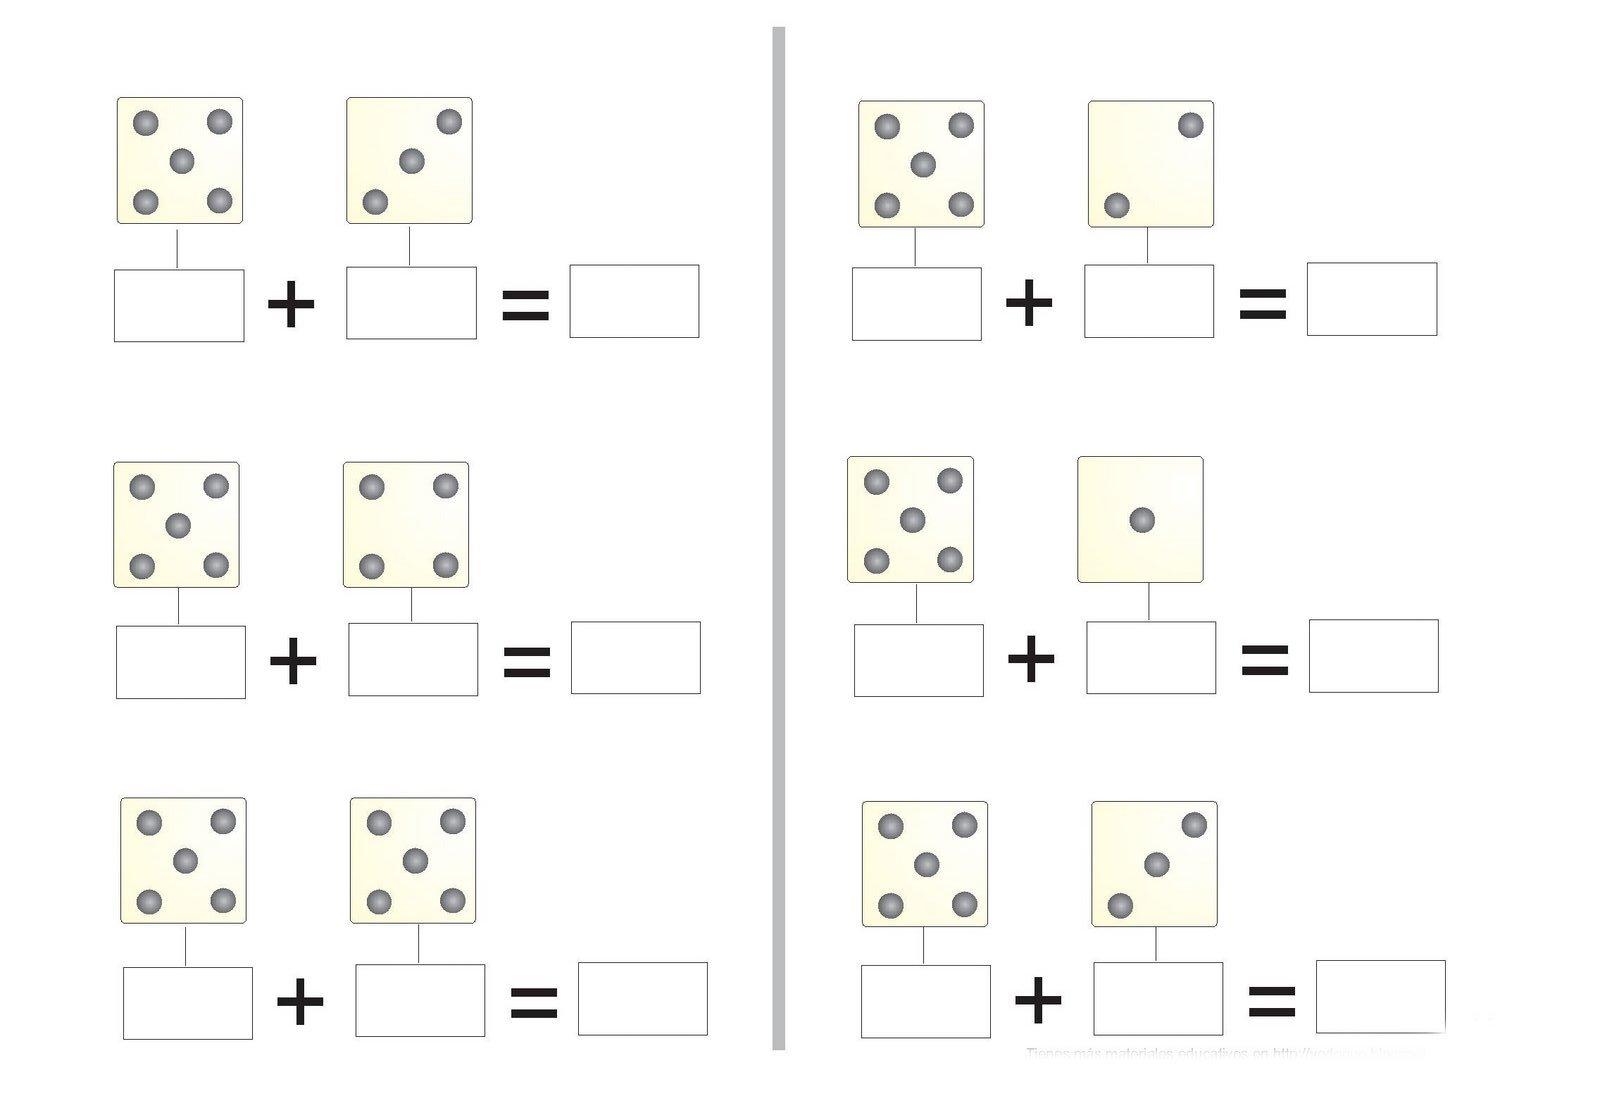 Pdf ejercicios de sumas para ni os de preescolar for Equipo mayor y menos de la cocina pdf